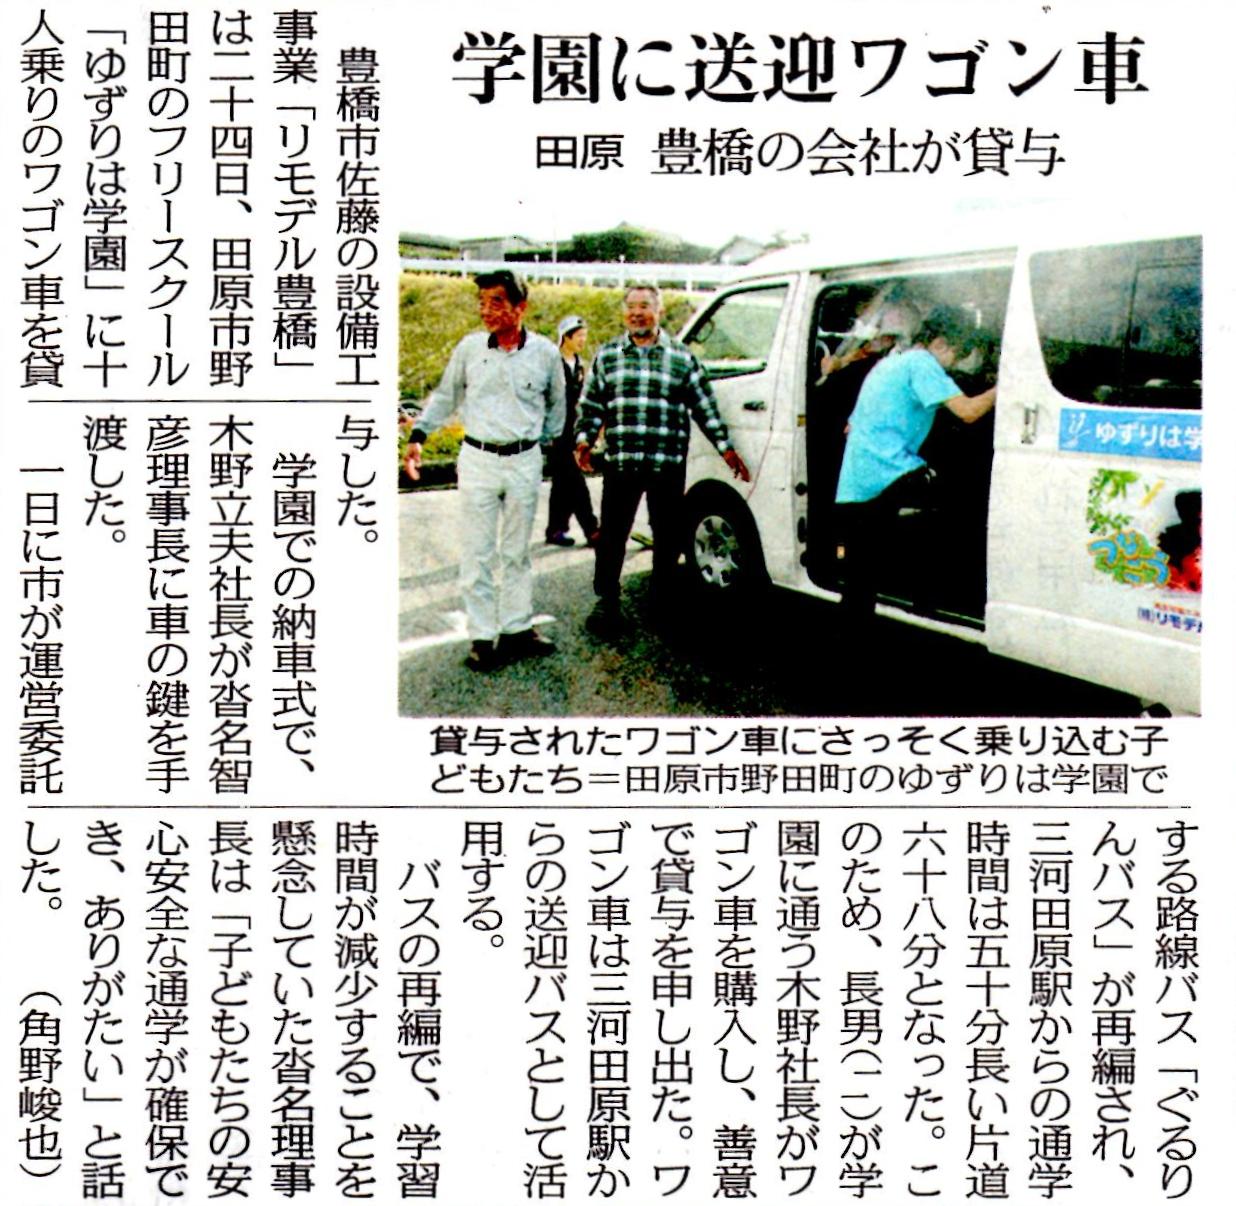 021_学園に送迎ワゴン車(中日新聞)20151025